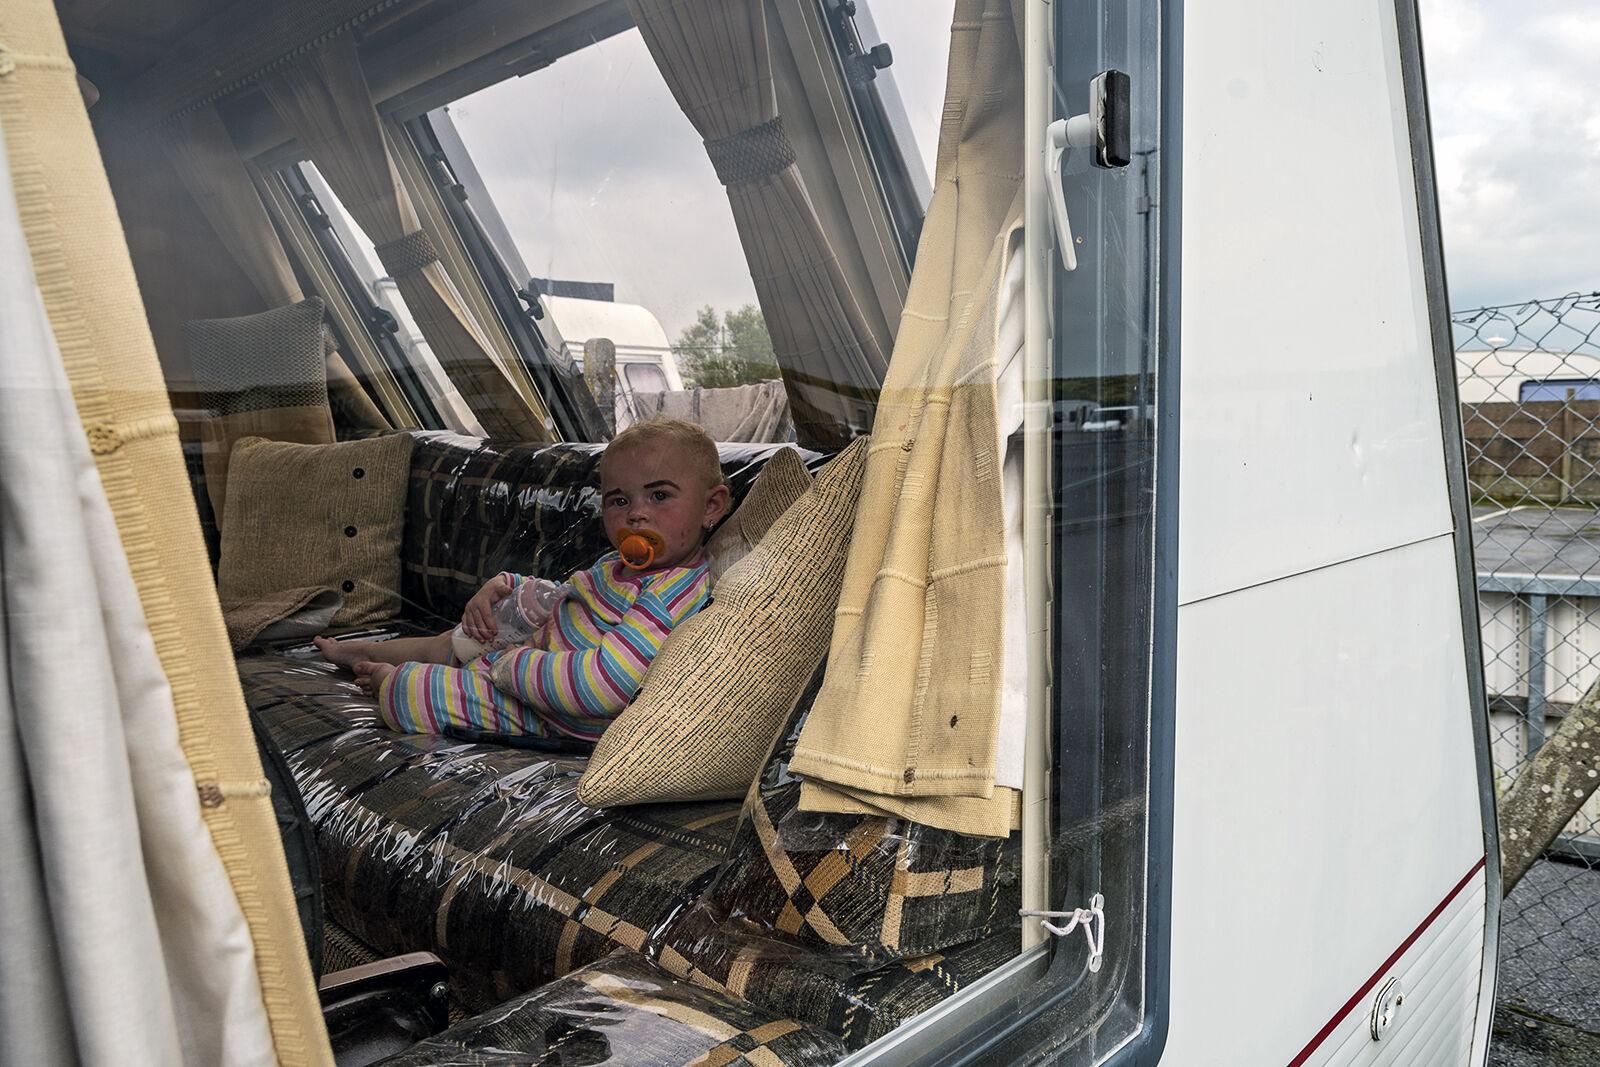 Baby in Caravan, Galway, Ireland 2020